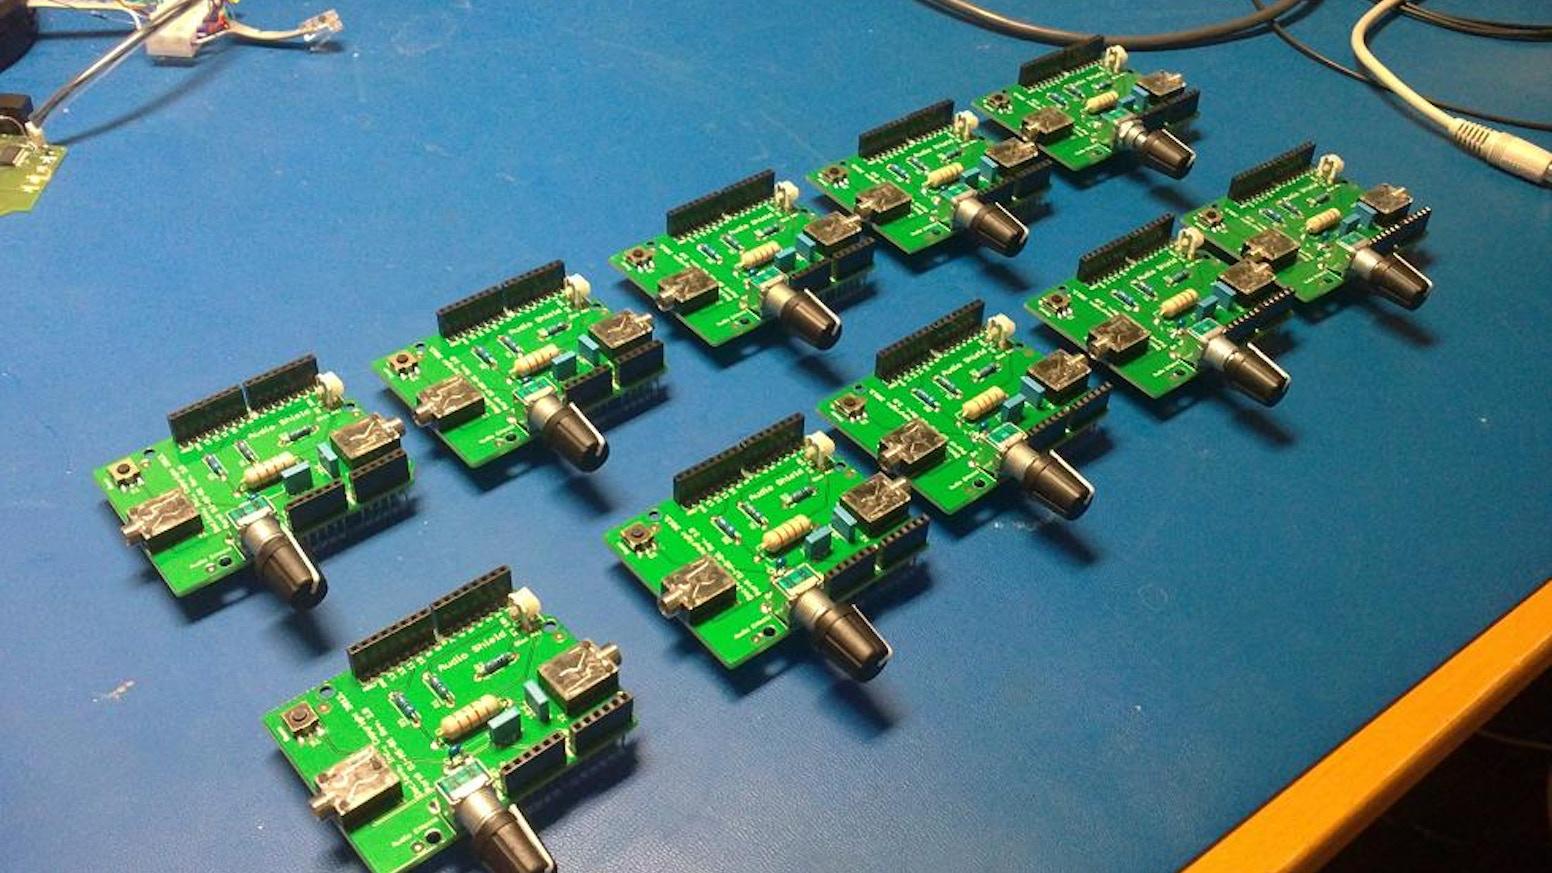 Arduino Digital Signal Processing Shield  DIY sound effects! by